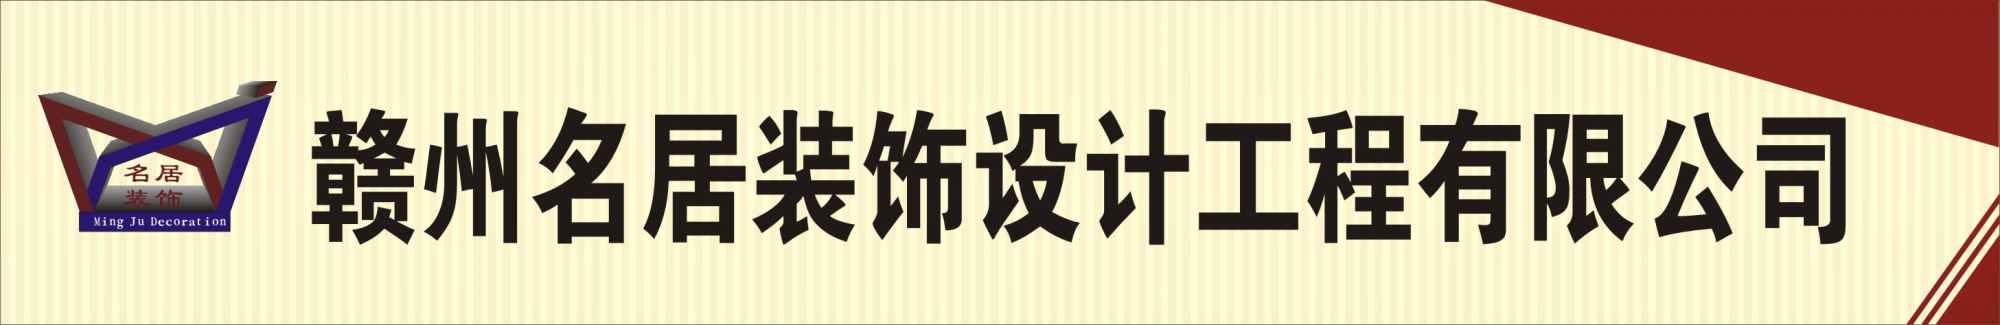 赣州名居装饰设计工程有限公司